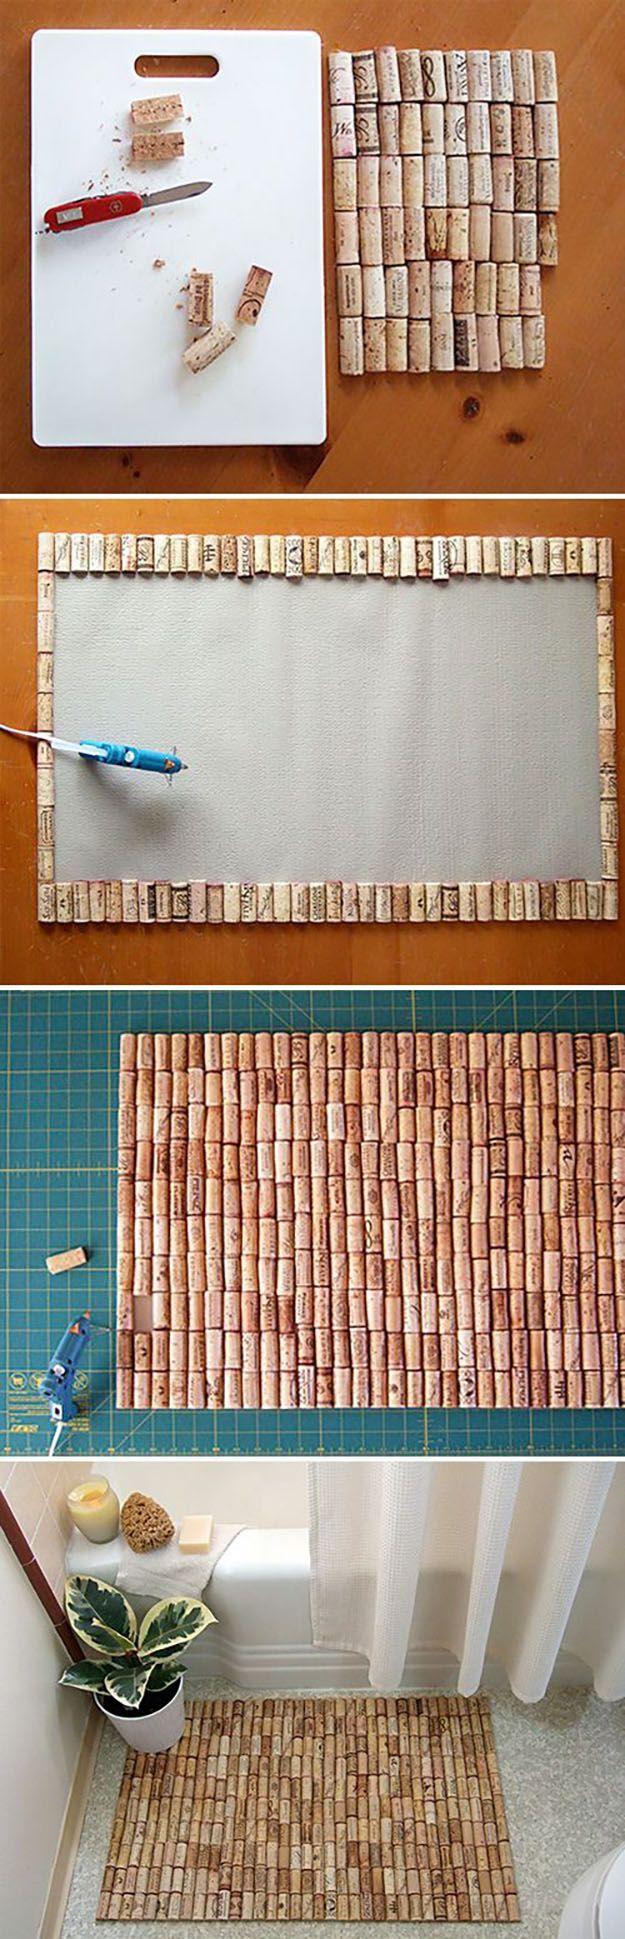 Şişe Mantarından Bardak Altlığı Yapımı